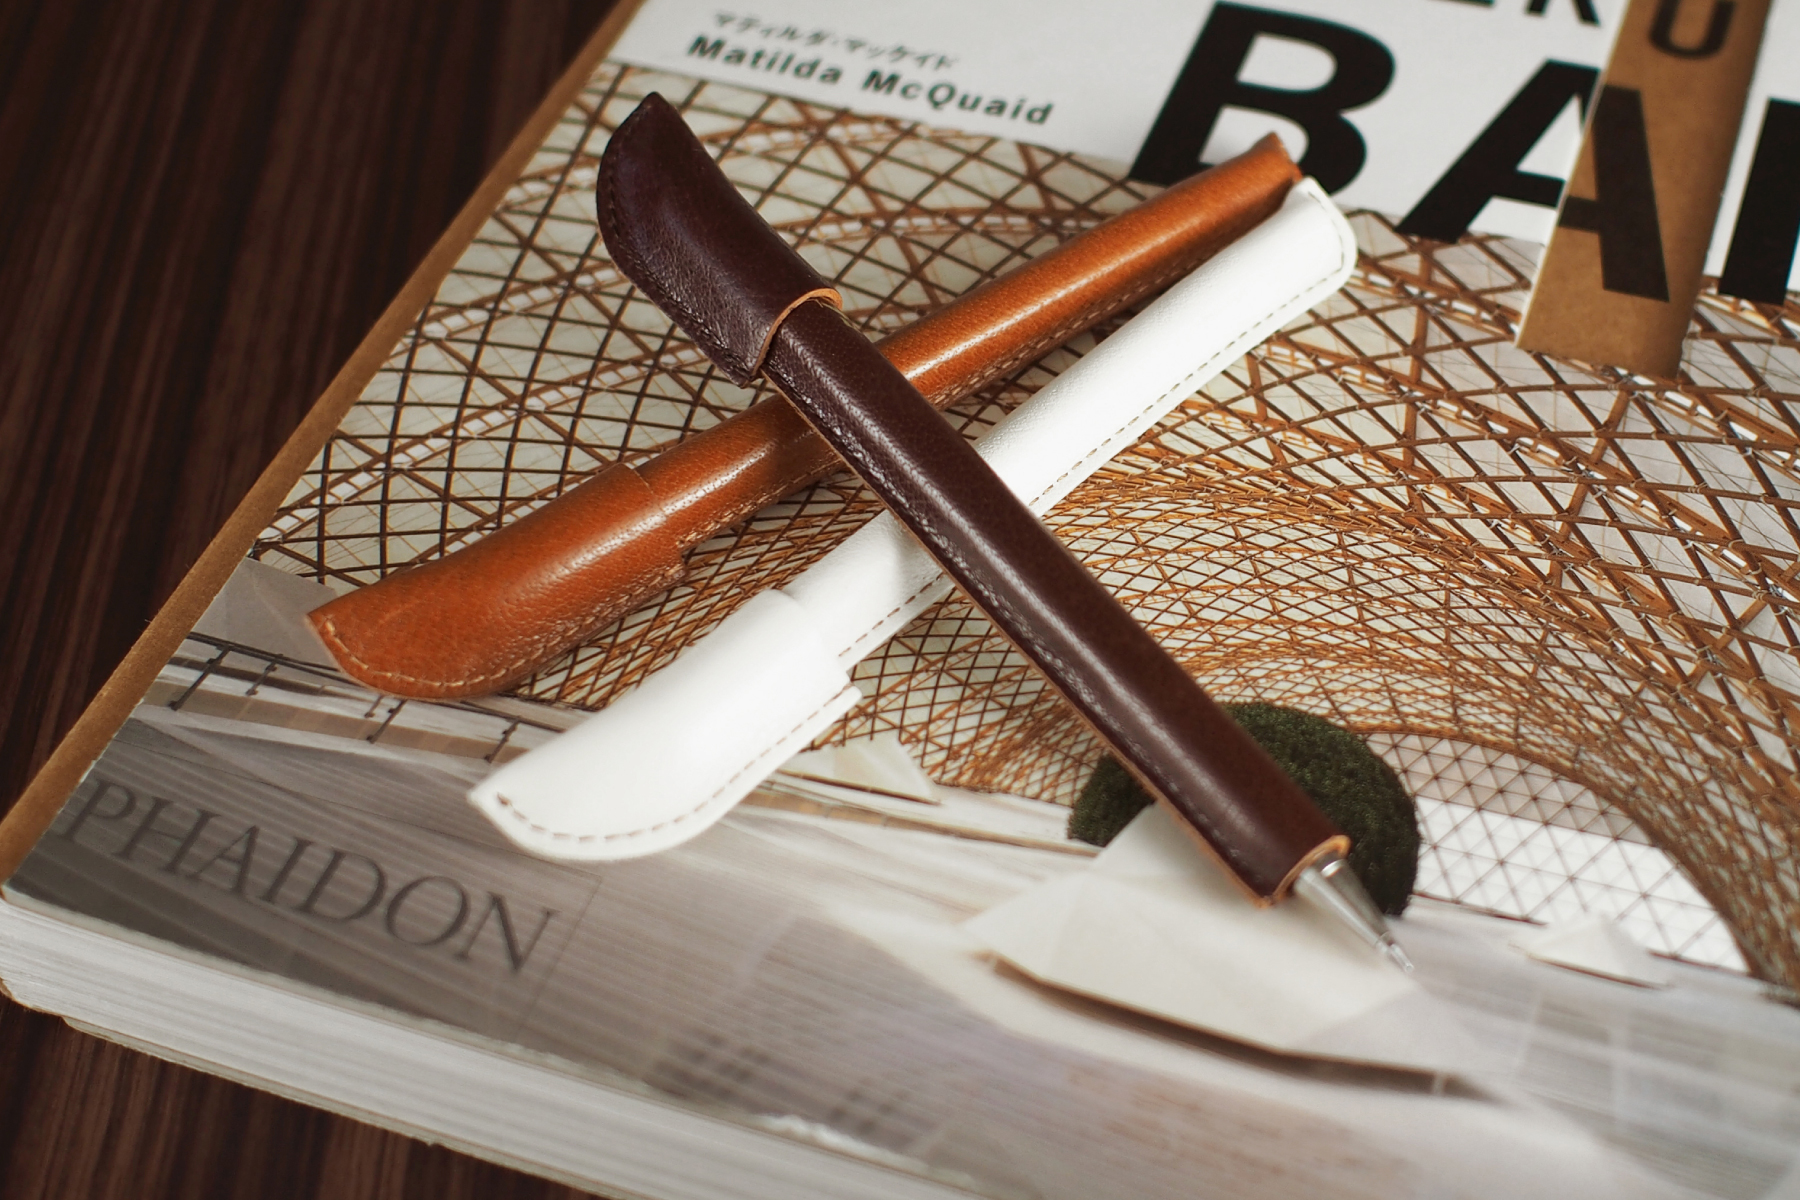 記念品として人気の革巻きボールペン